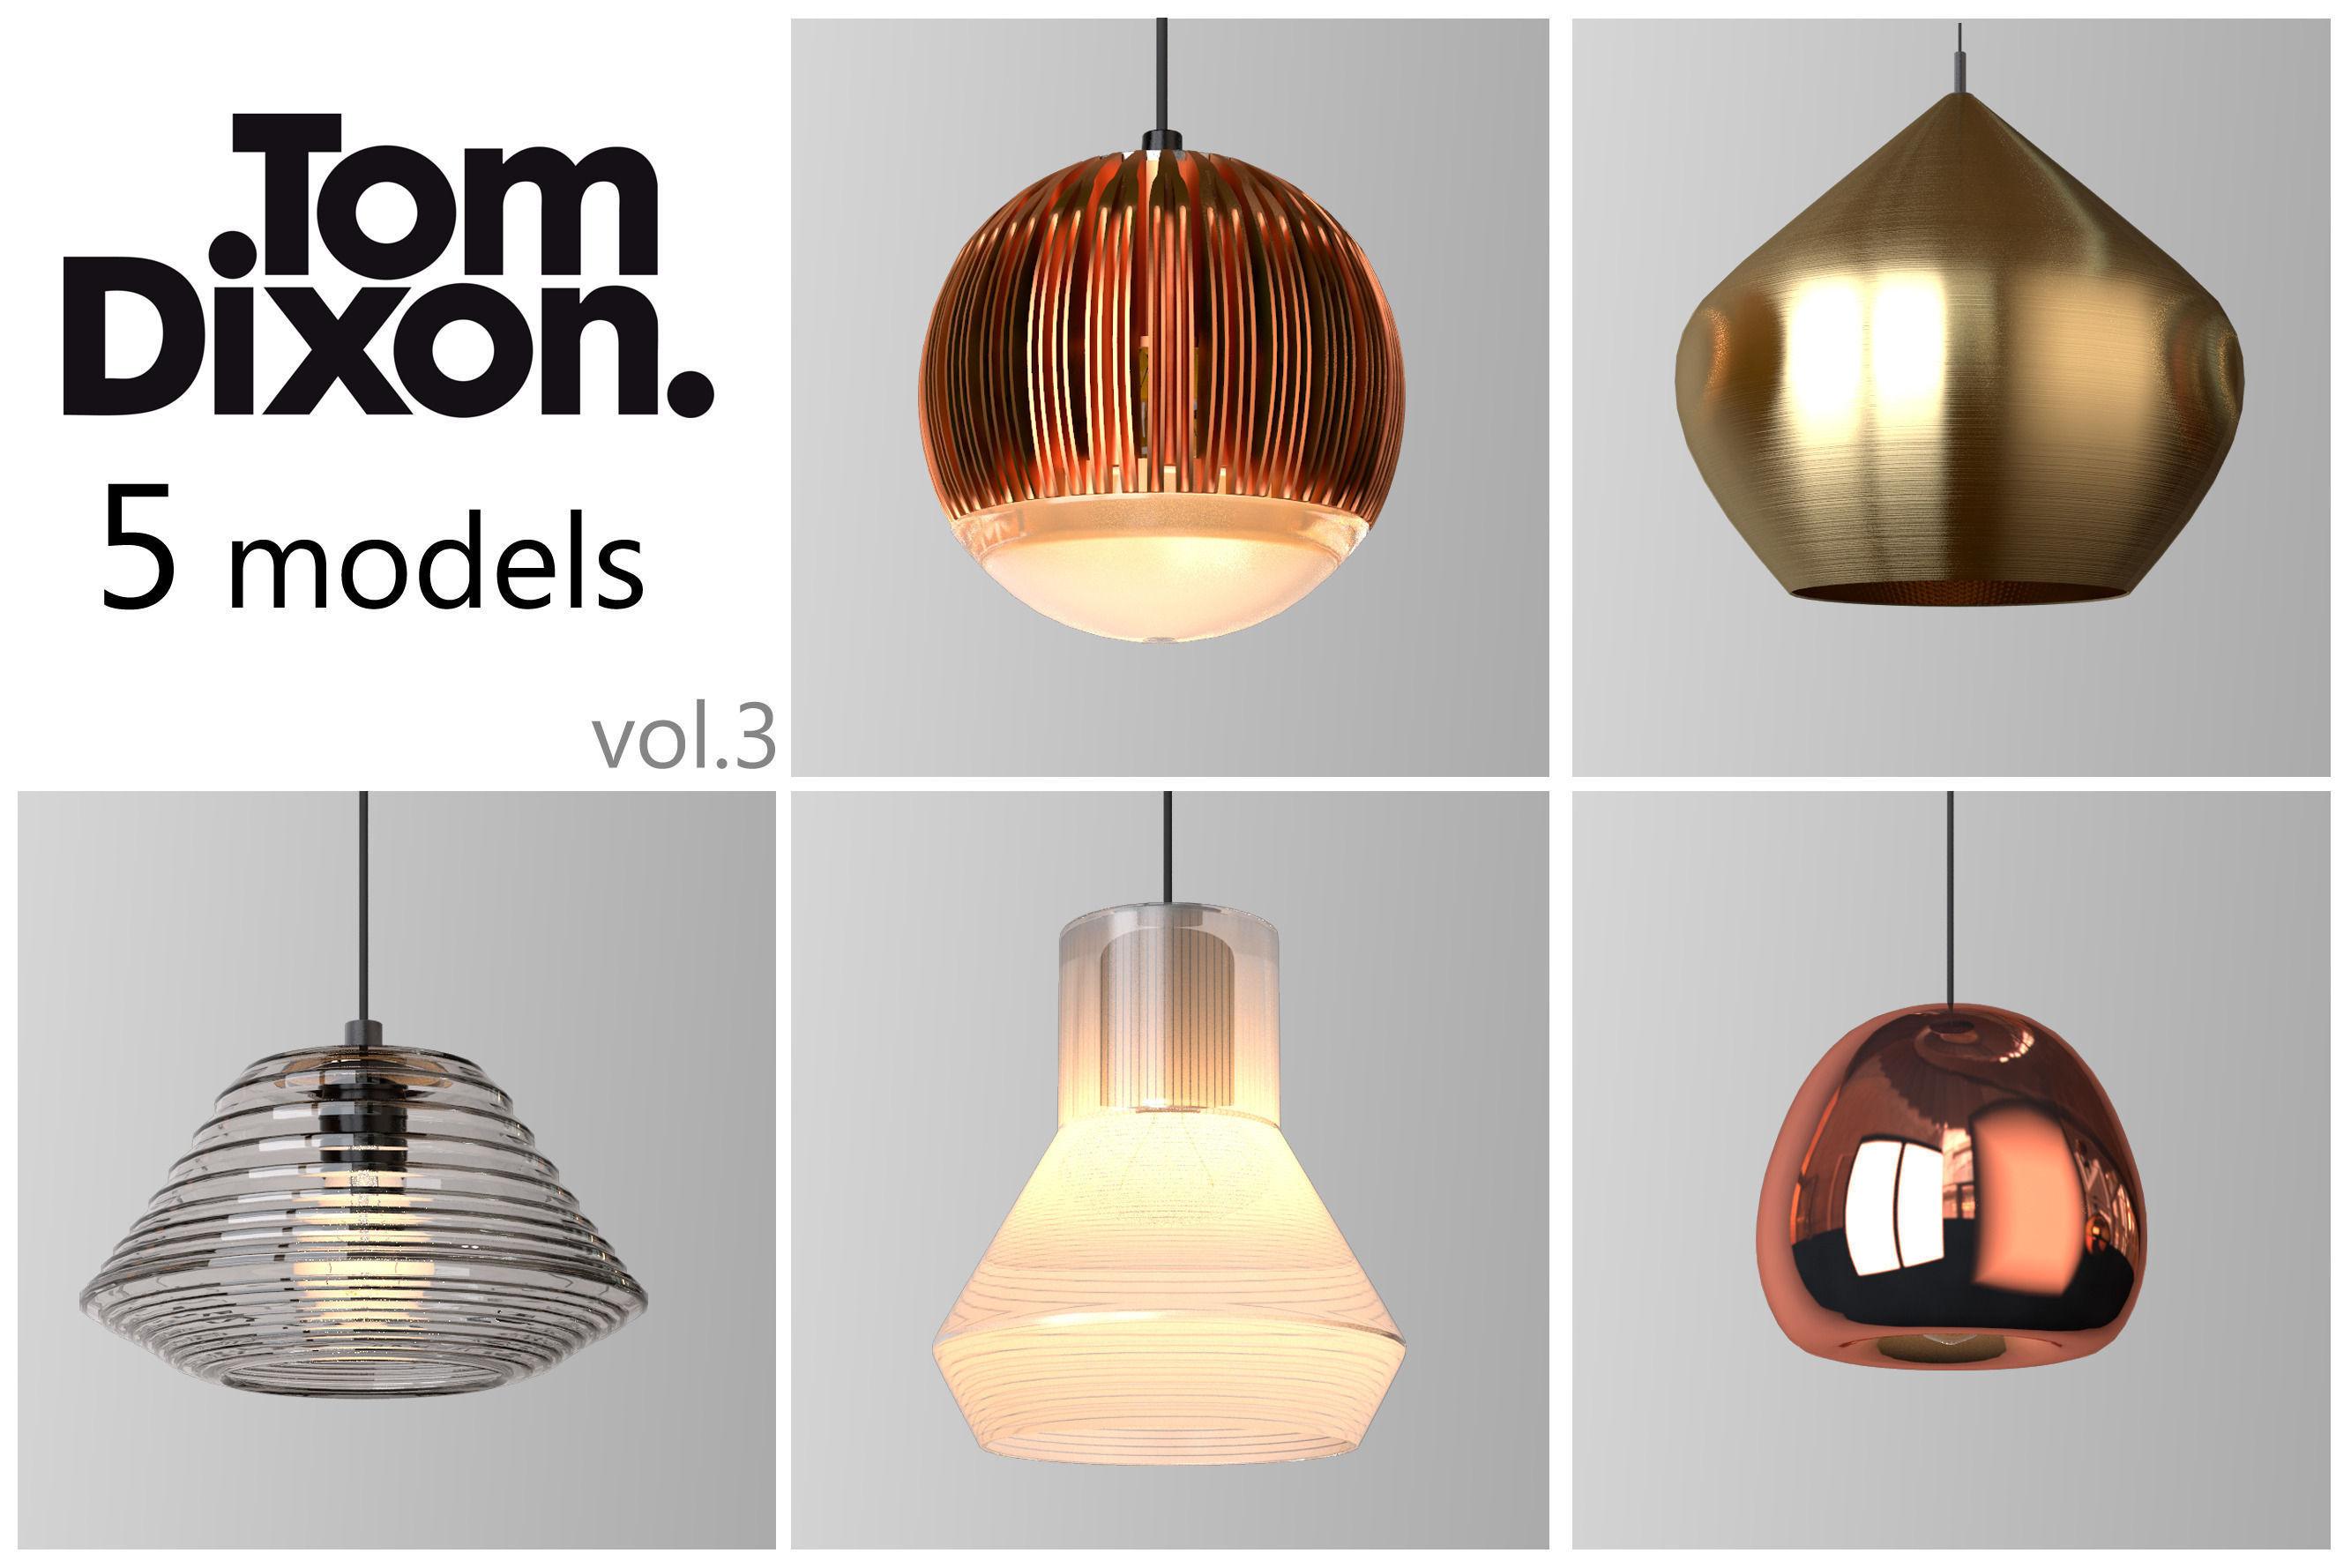 tom dixon lighting sale best home design 2018. Black Bedroom Furniture Sets. Home Design Ideas